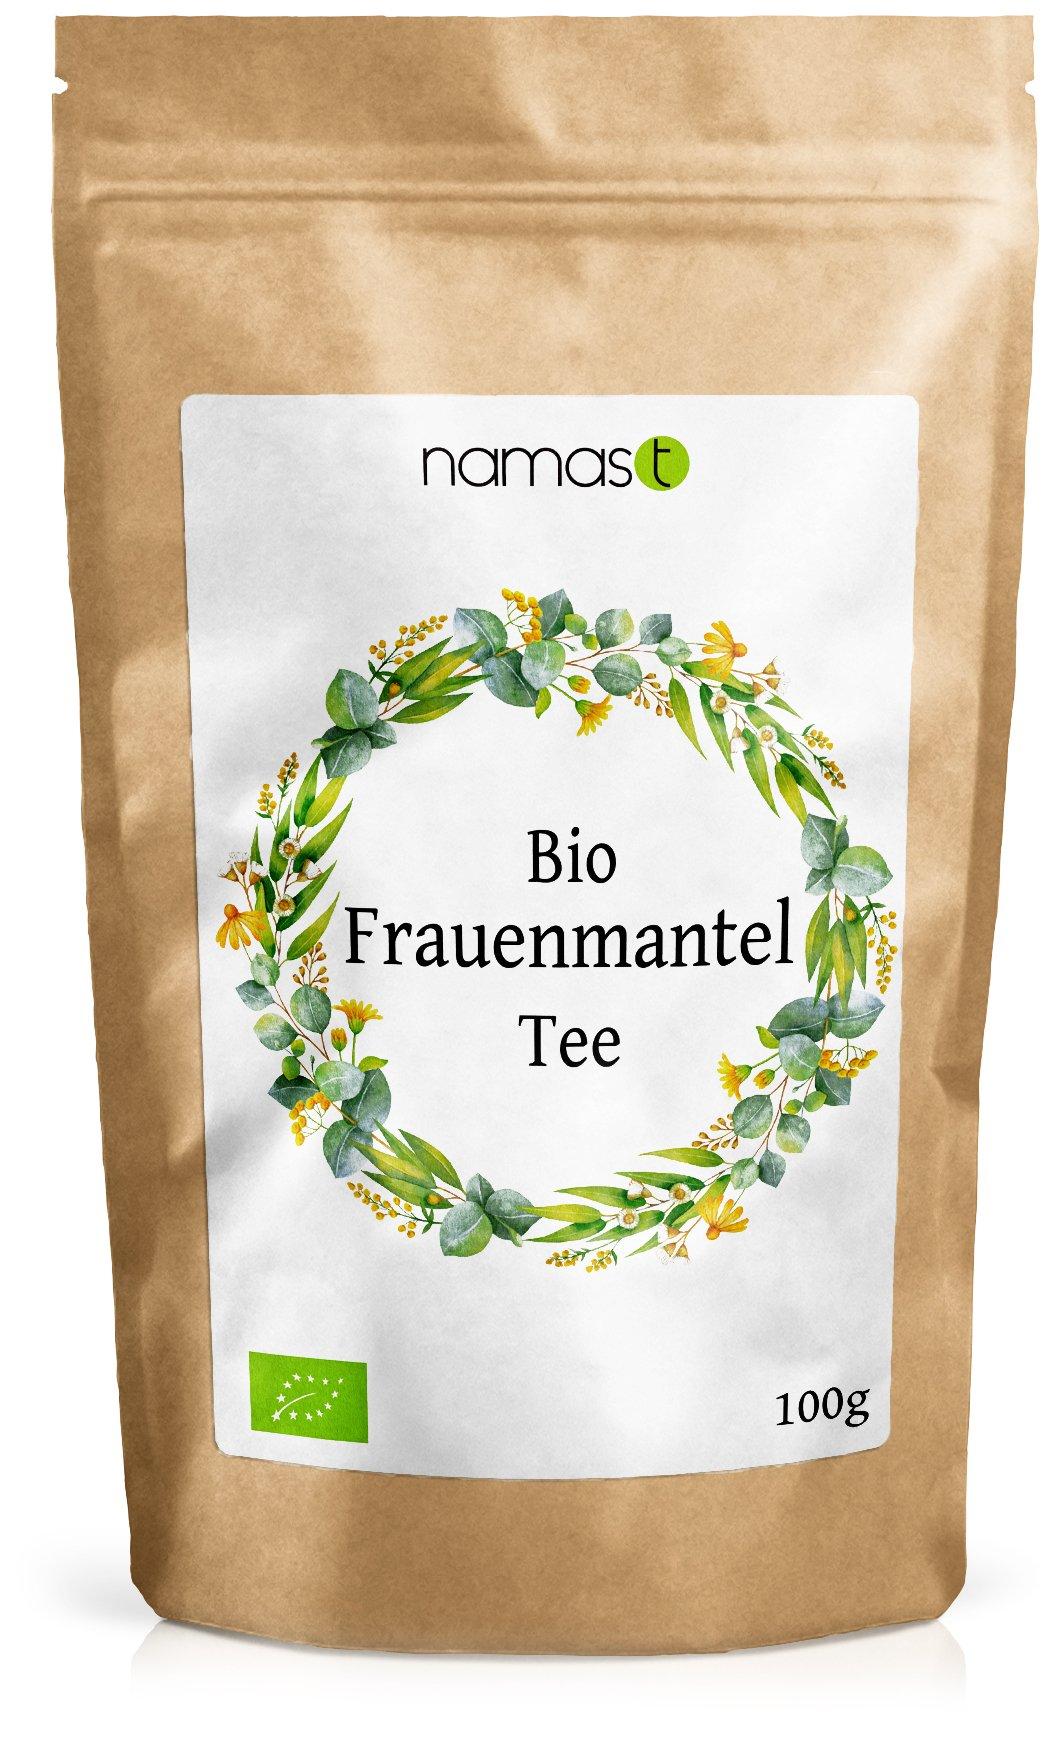 Frauenmanteltee-BIO-100g-Frauenmantel-in-100-biologischer-Spitzenqualitt-Loser-Tee-Frauenmantelkraut-alchemilla-vulgaris-abgefllt-und-kontrolliert-in-Deutschland-von-NamasT